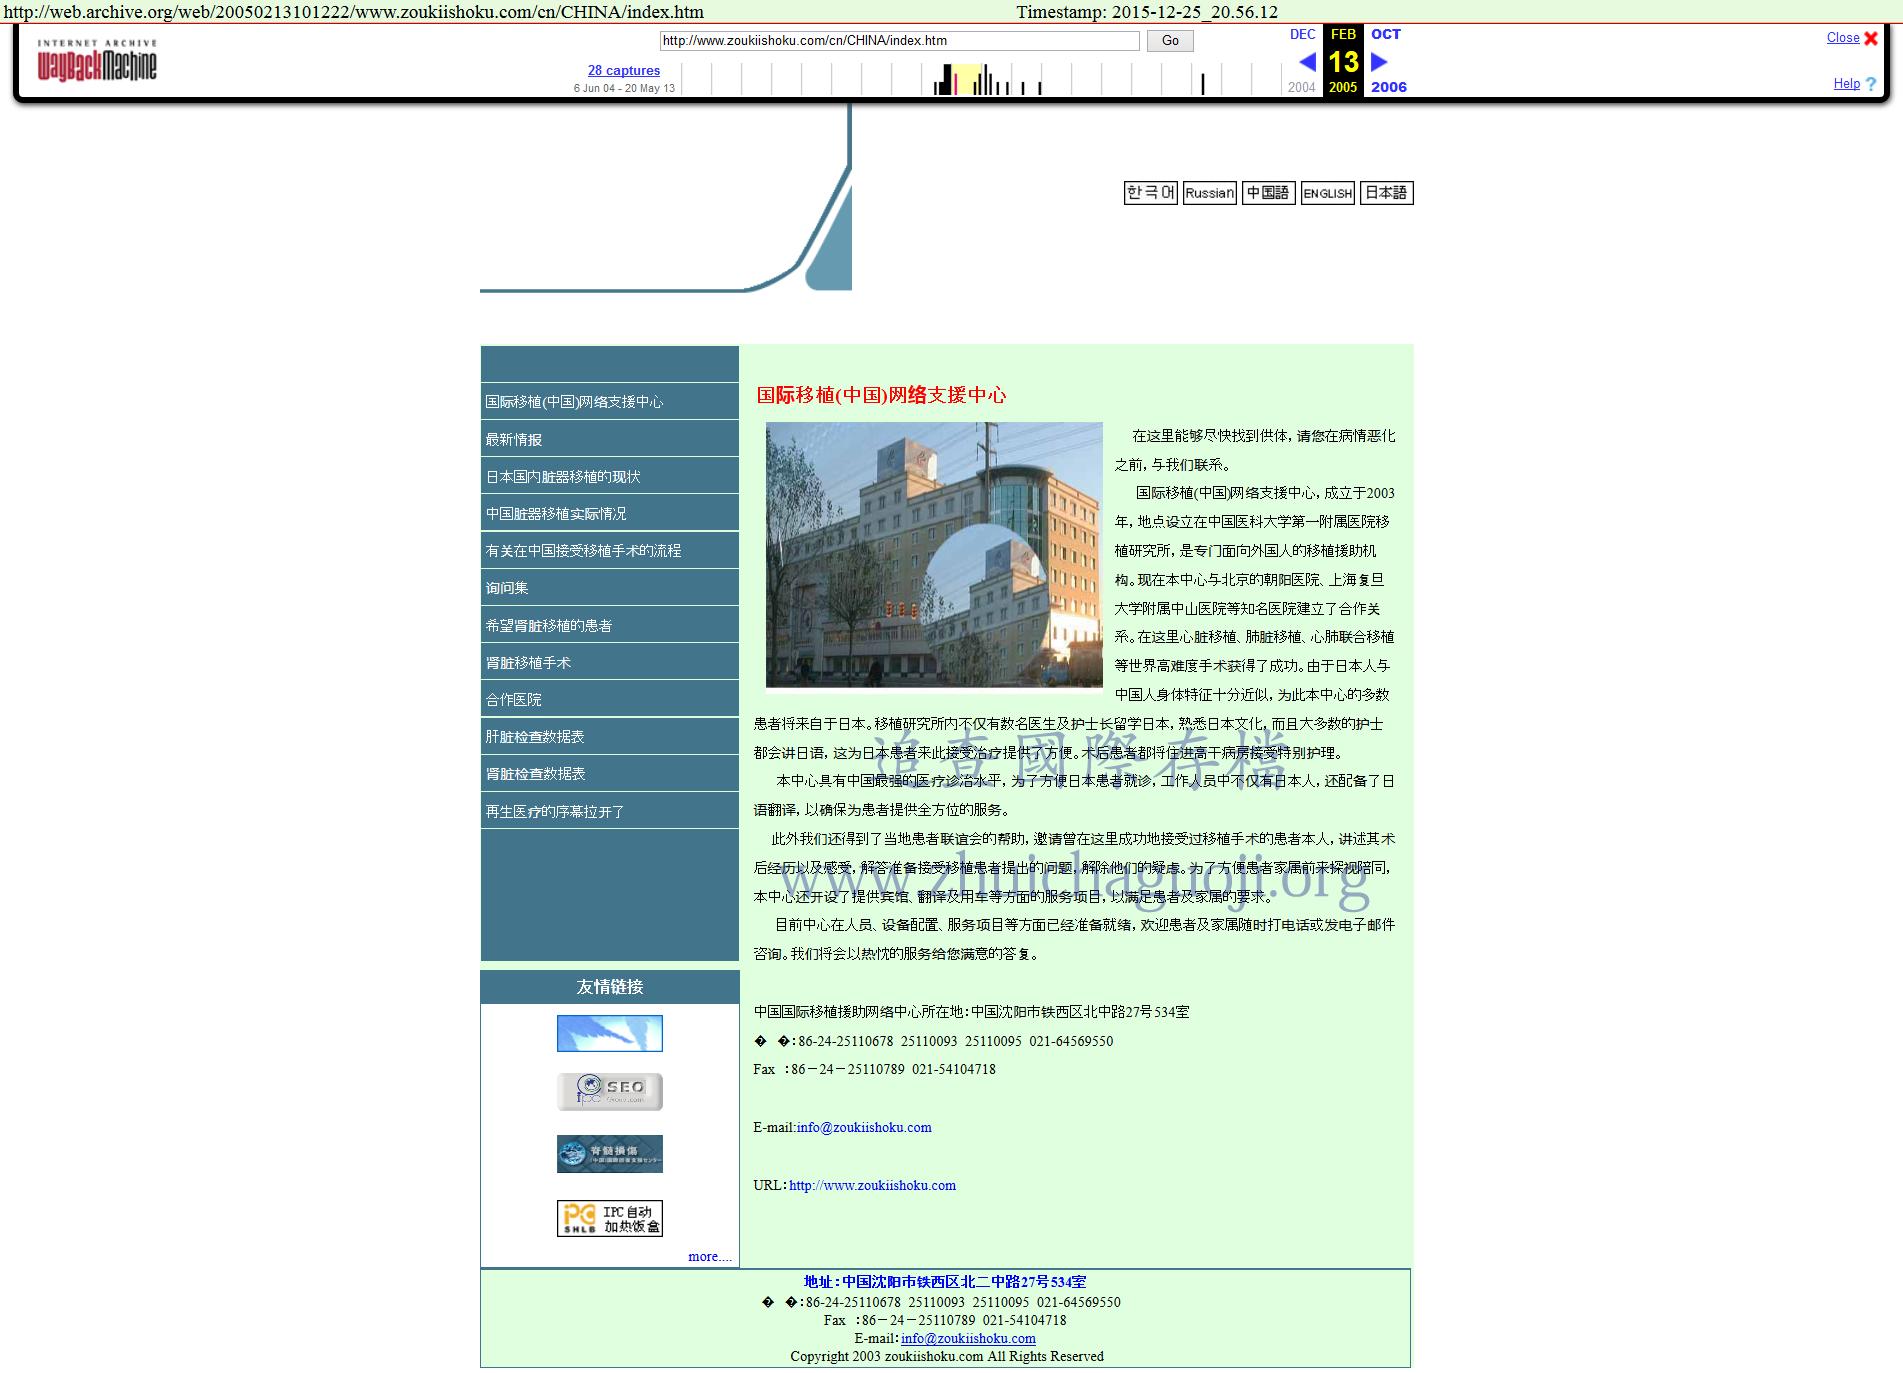 How Can I A Pdf File From Wenku.baidu.com